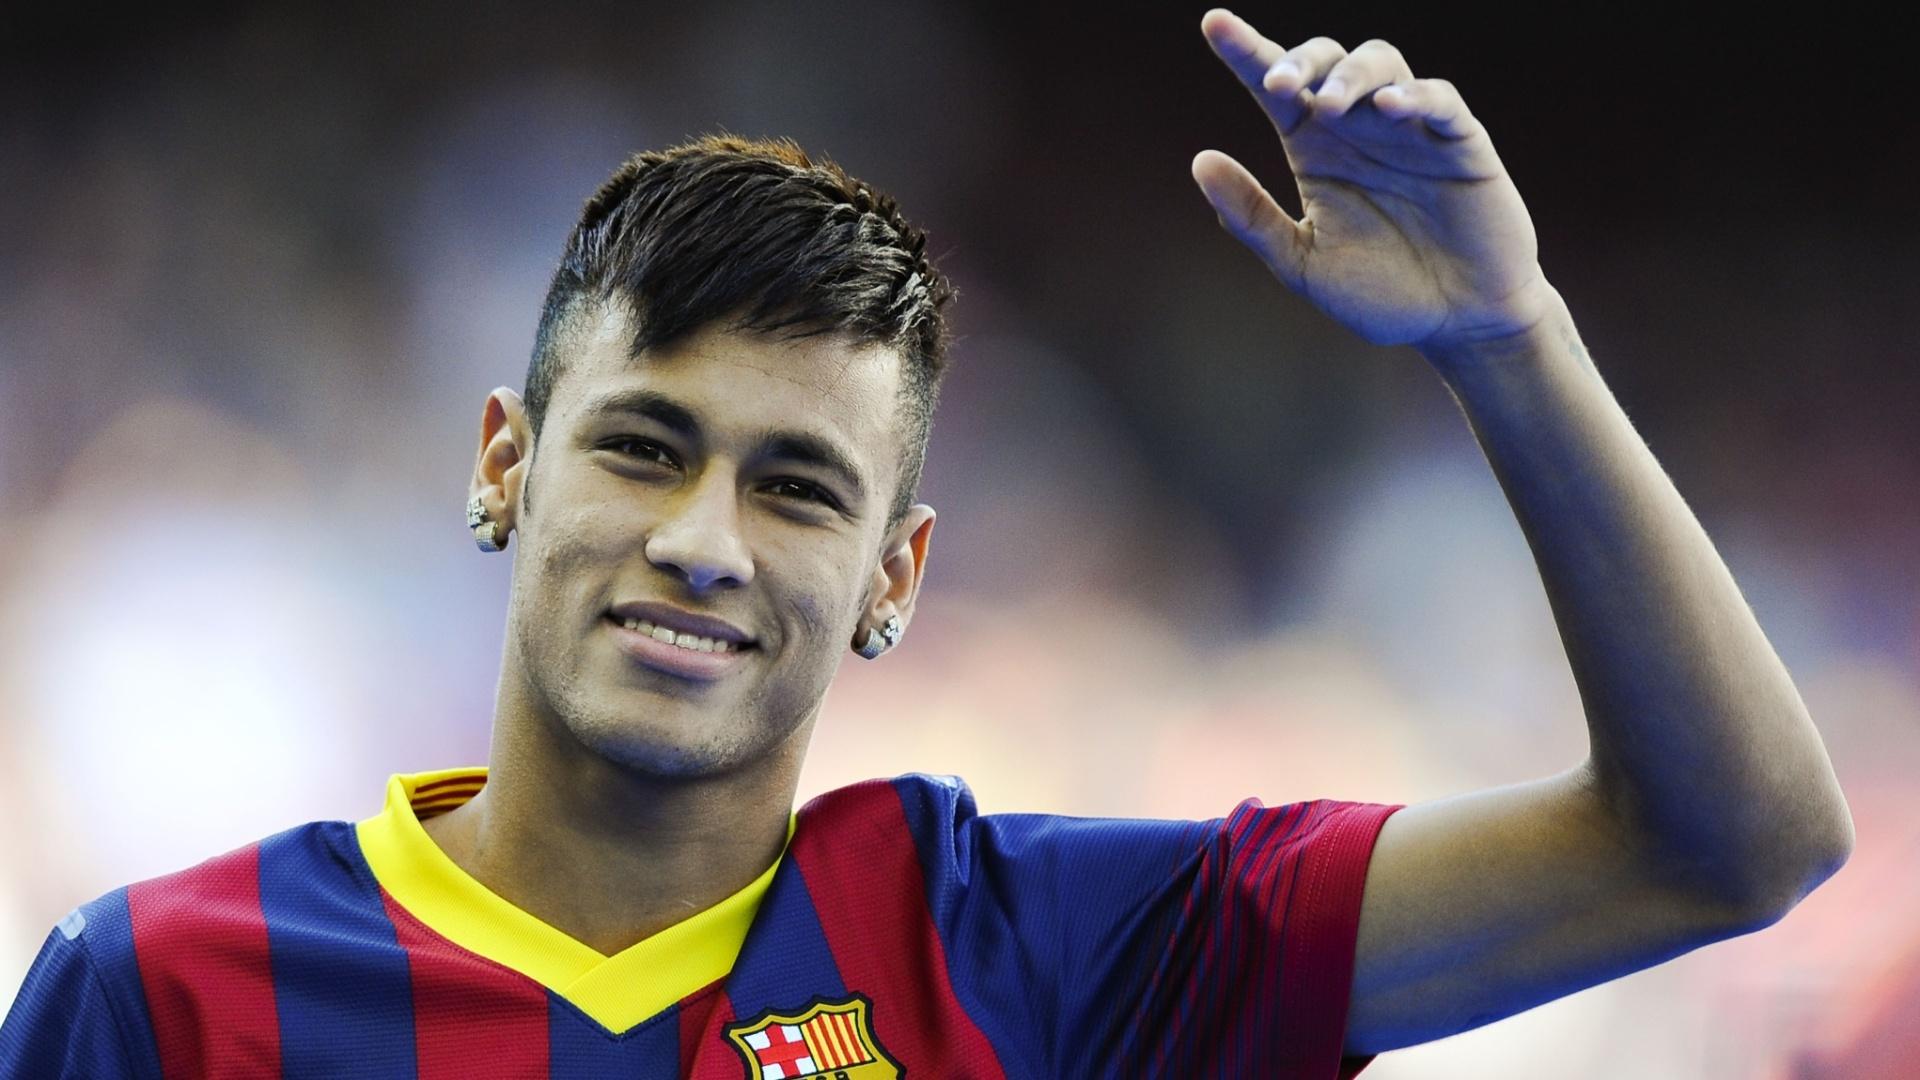 Fonds dcran Neymar tous les wallpapers Neymar 1920x1080